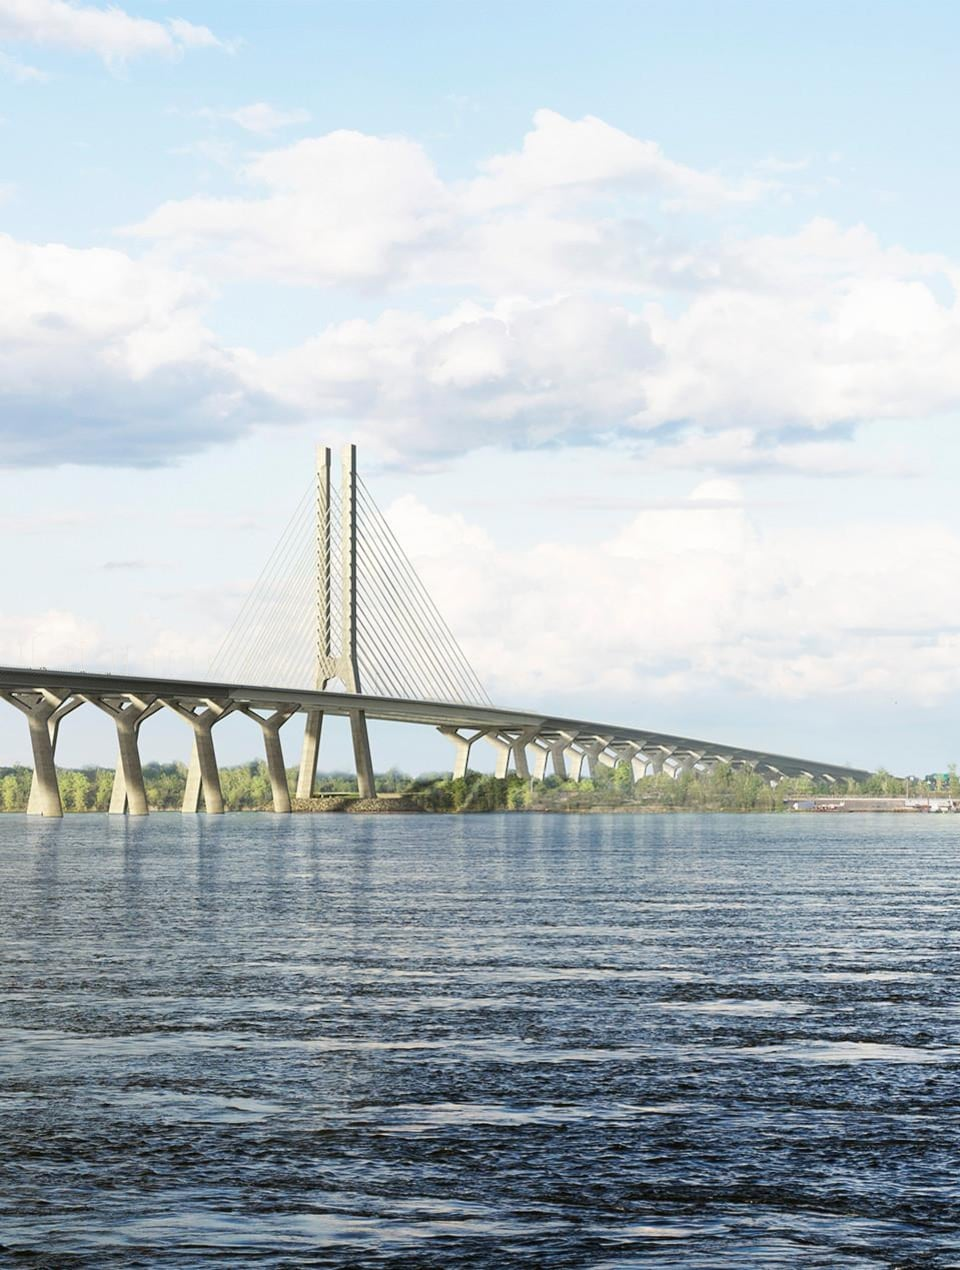 Aperçu de ce dont aurait l'air le nouveau pont Champlain. La structure est épurée et comprend un seul pilier, à mi-chemin.